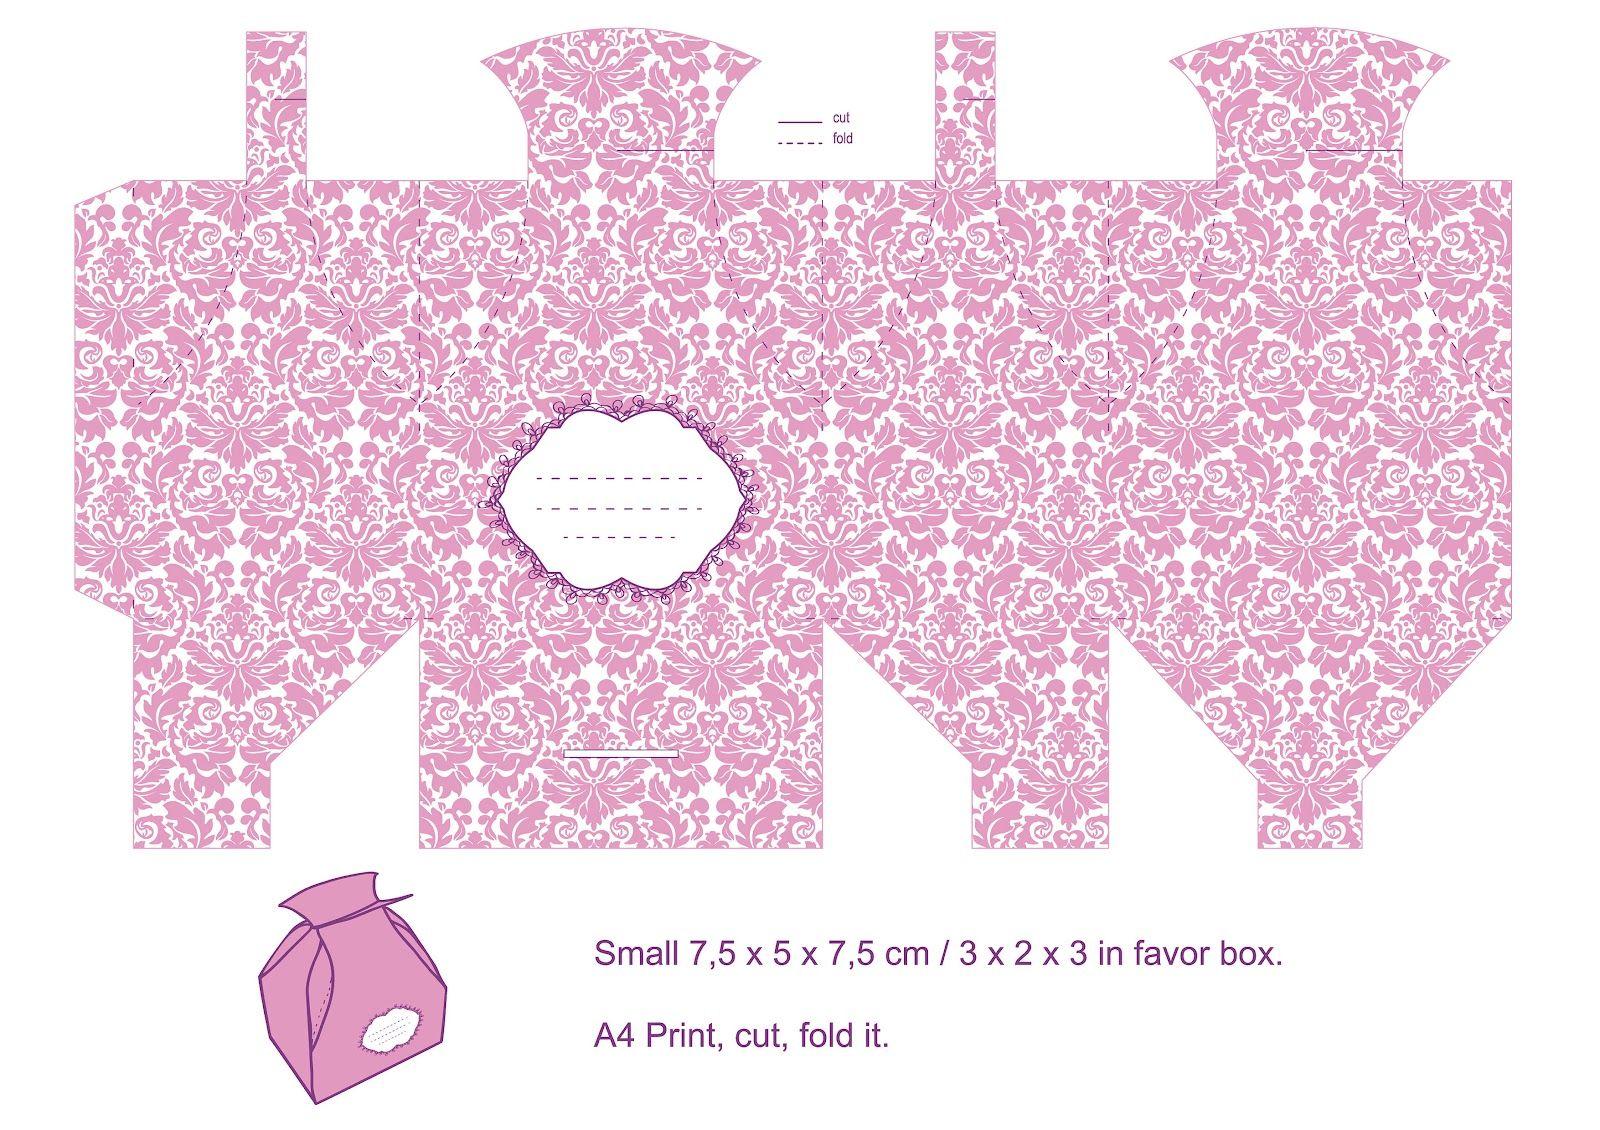 plantilla imprimible cajita carton diY/printable template gift box ...